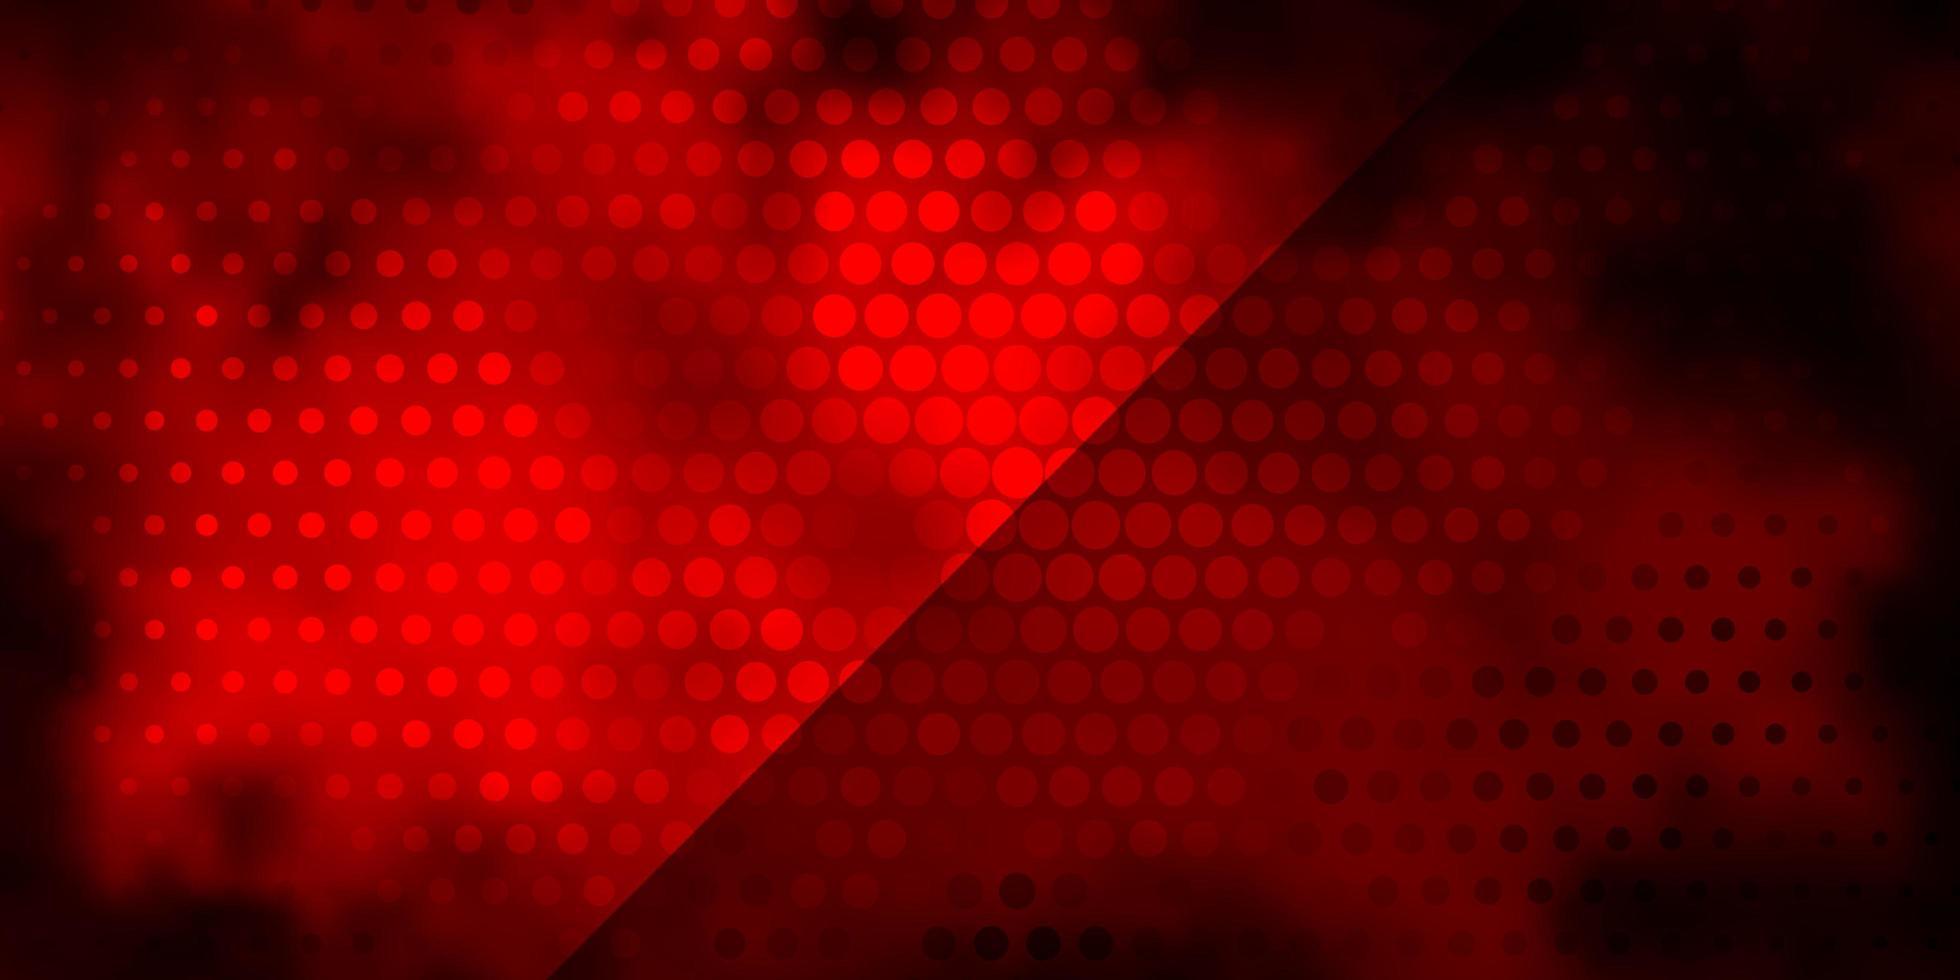 toile de fond de vecteur rouge foncé avec des cercles.